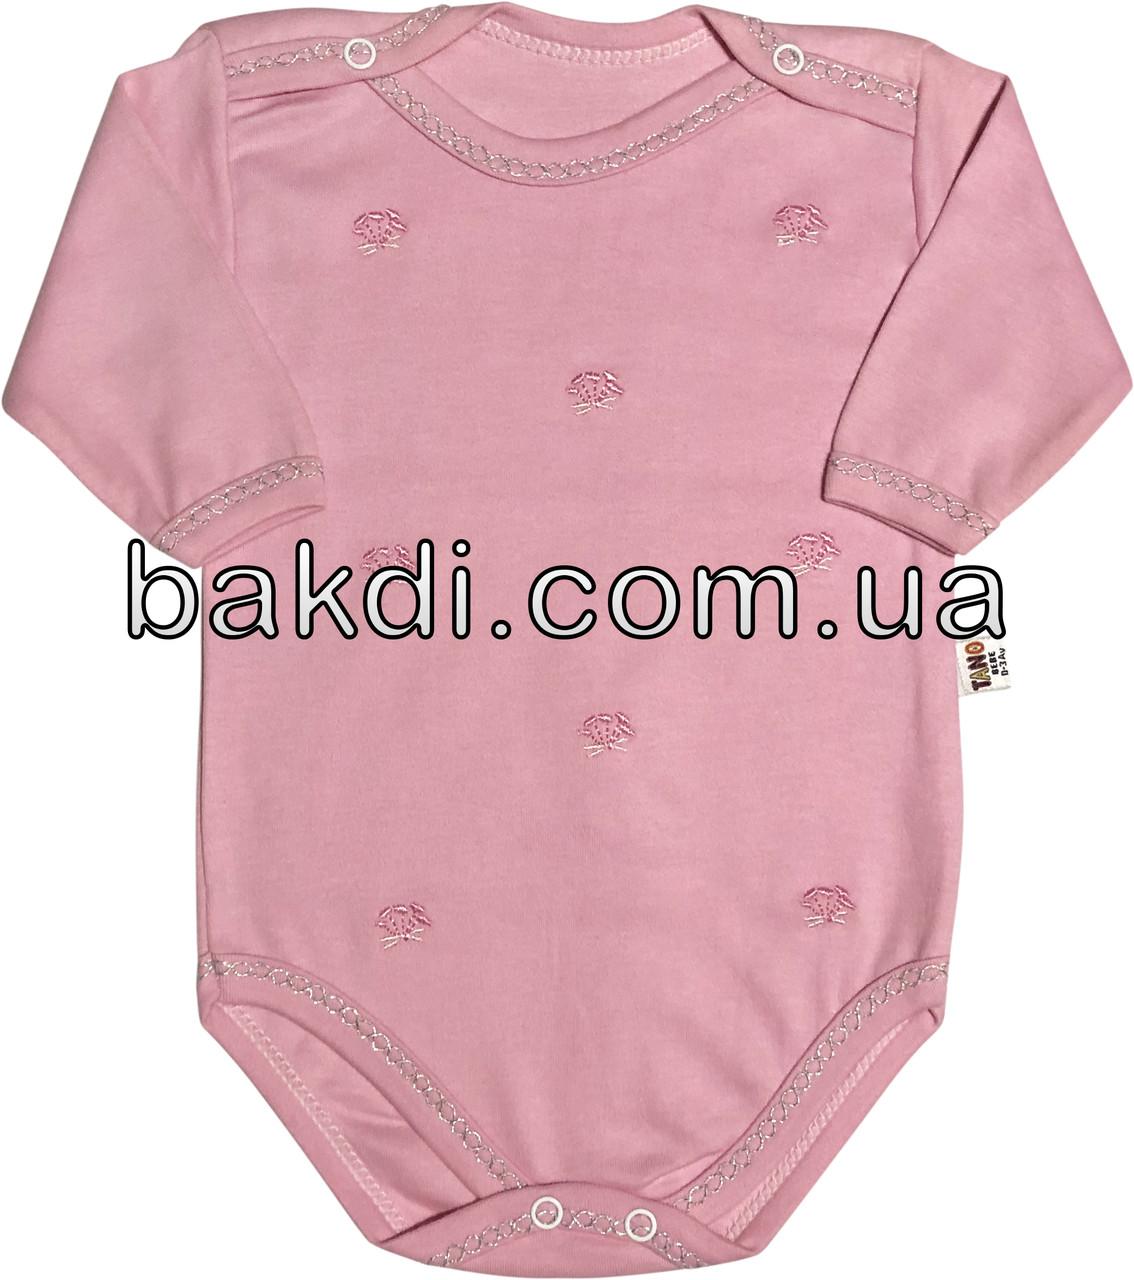 Детское боди на девочку рост 56 0-2 мес для новорожденных трикотажное с четвертным рукавом розовое